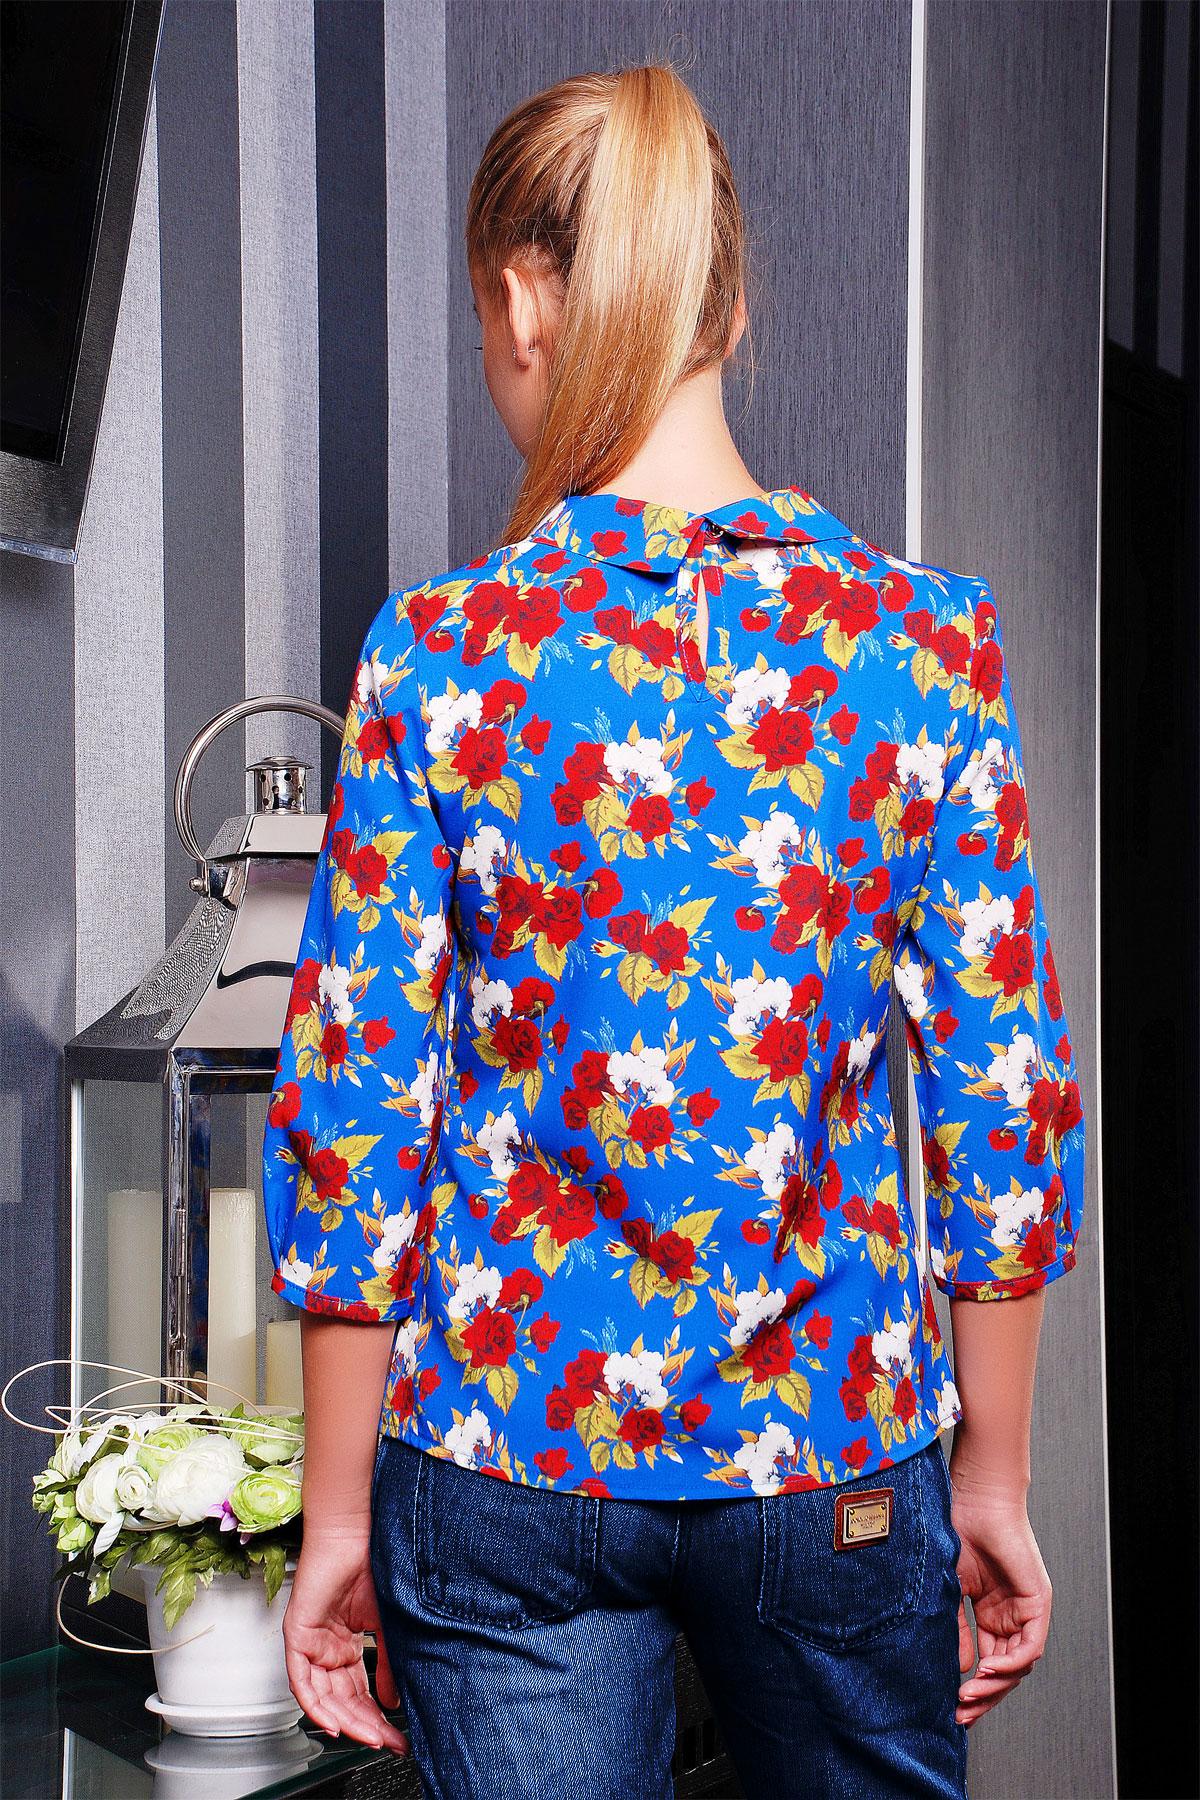 Белая блузка с синими цветами купить